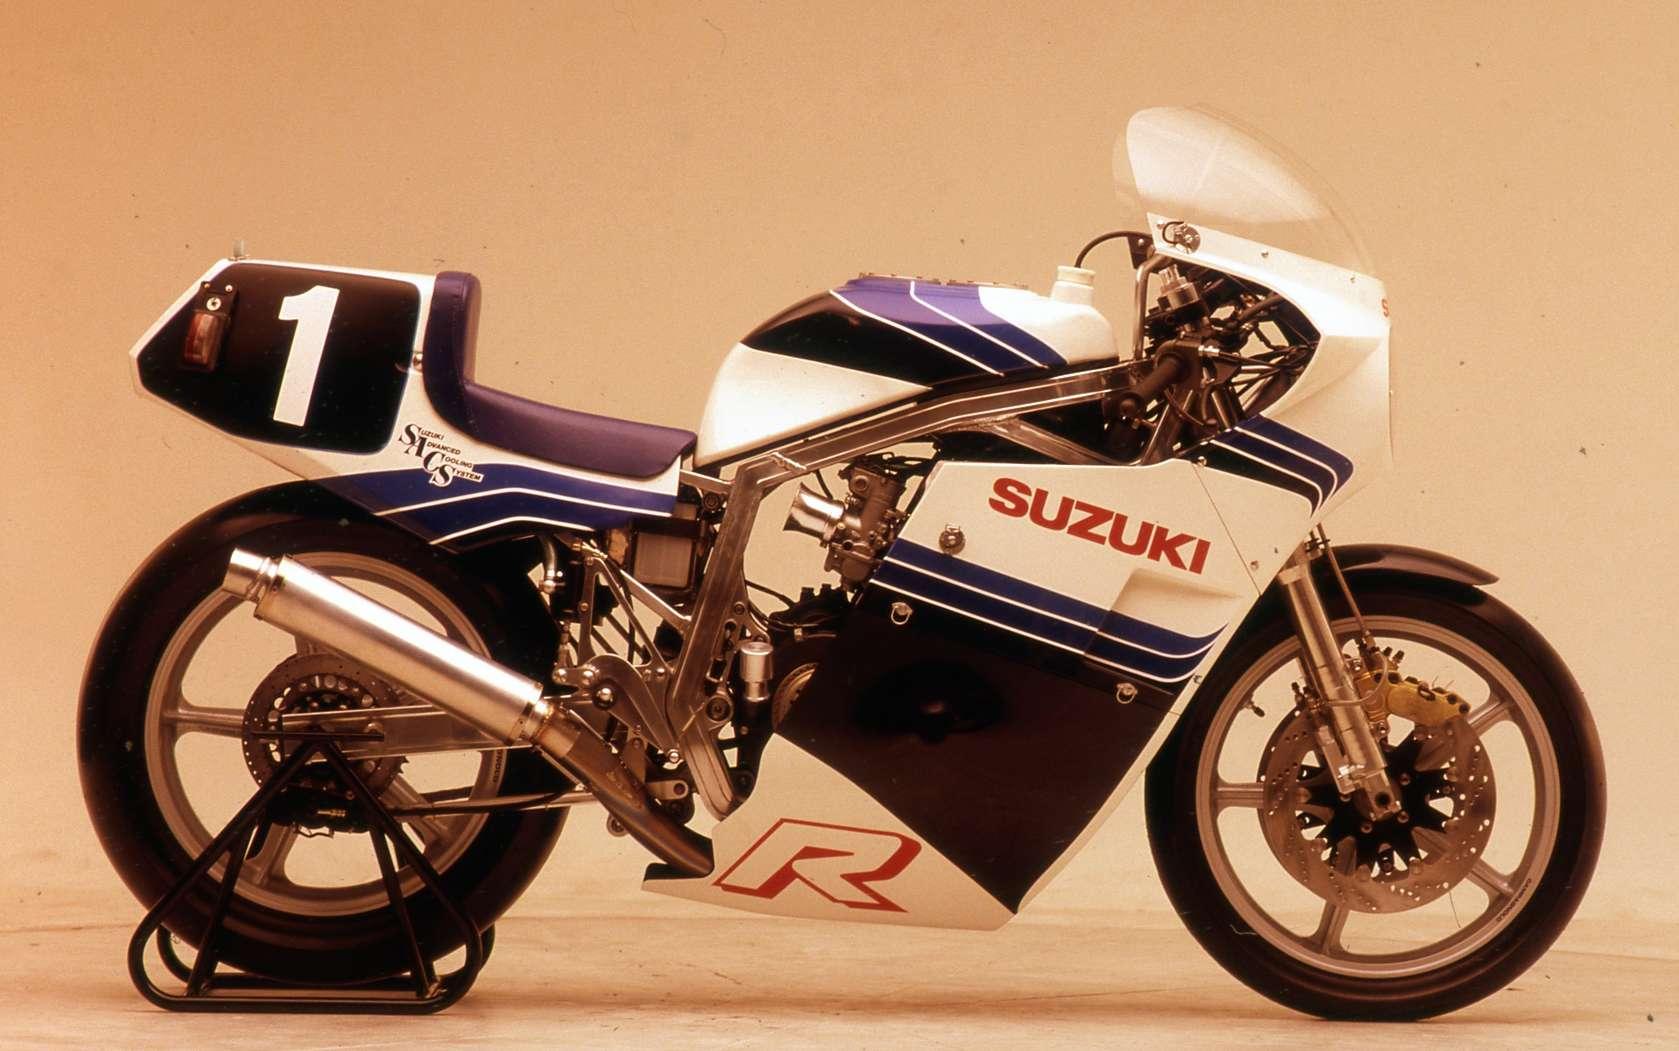 Suzuki GSX-R Slabside 750 (85-87) et 1100 (86-88) - Page 39 Img_411